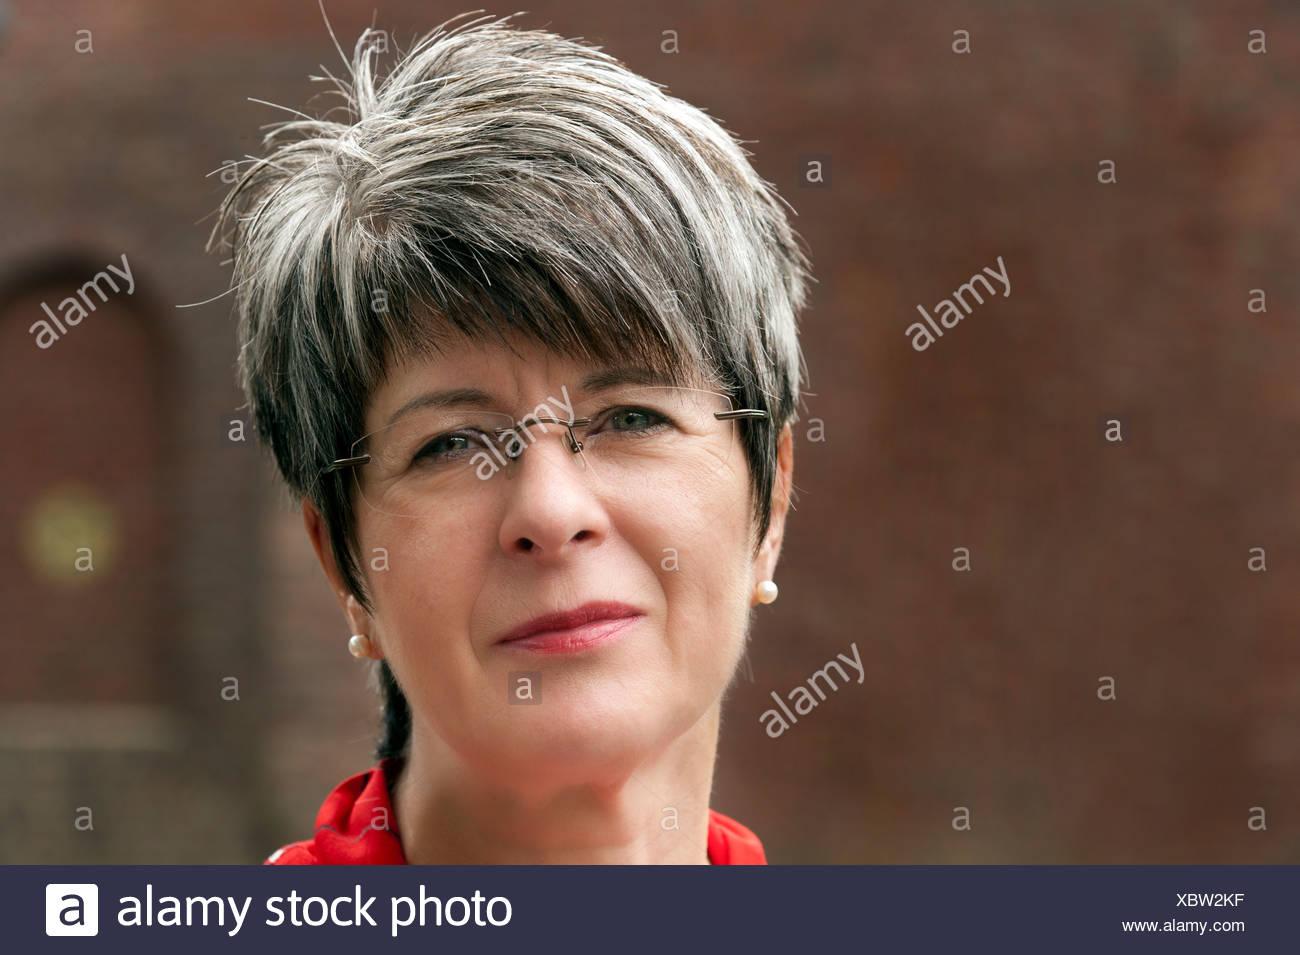 Frisuren Graue Haare Mit Brille Beliebte Jugendhaarschnitte 2019